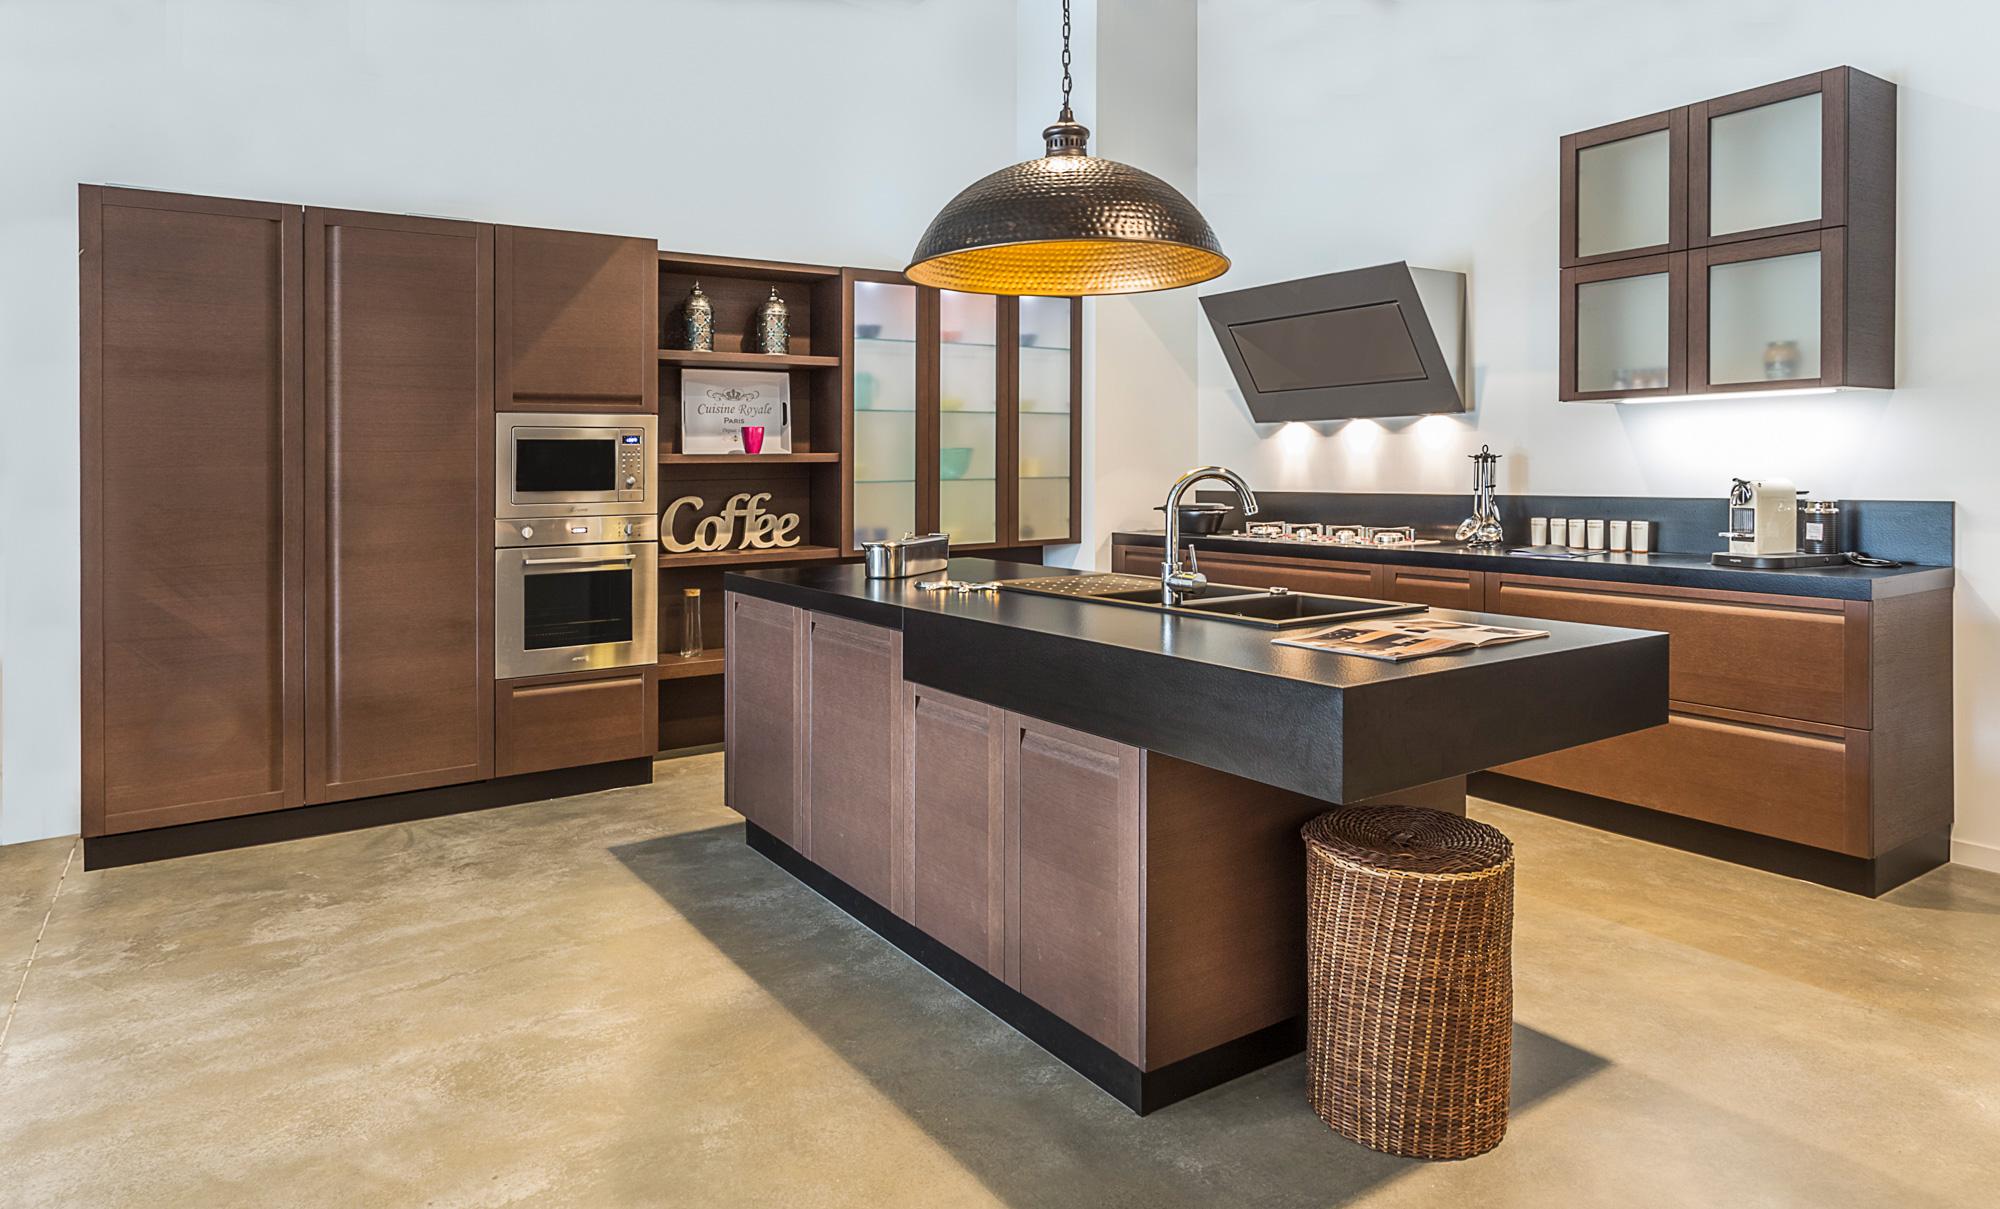 Cuisine architecture bergerac cuisiniste sur mesure personnalisé creysse dordogne